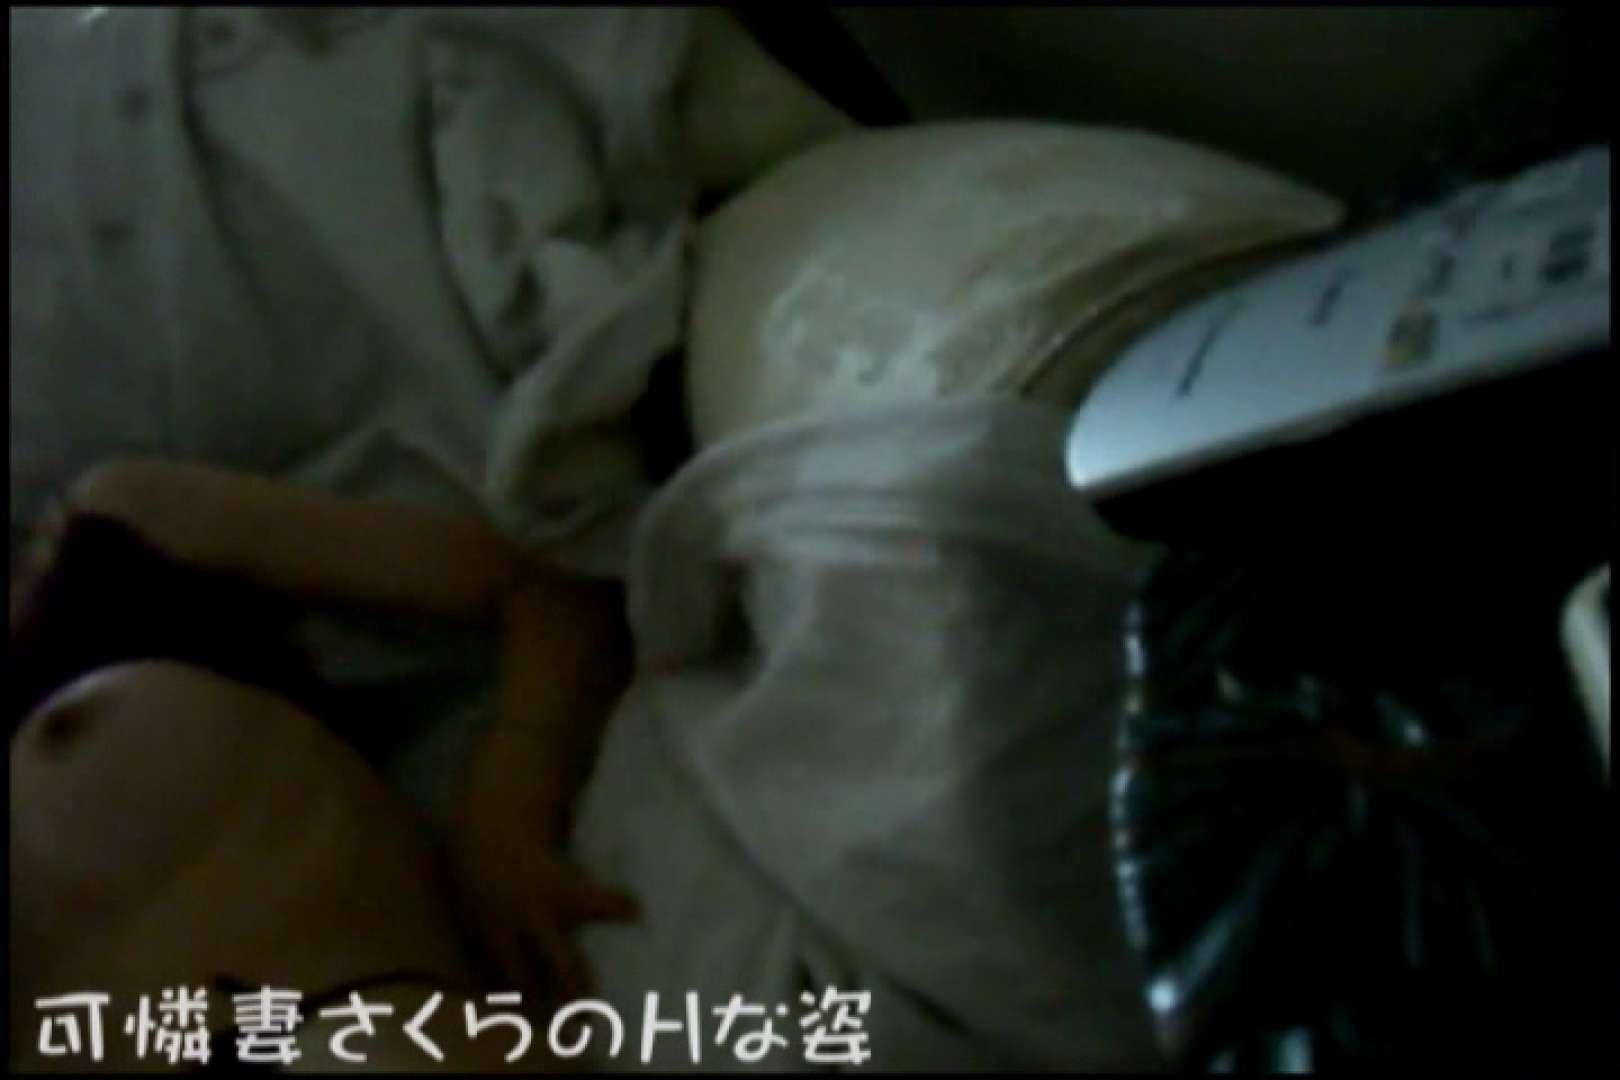 可憐妻さくらのHな姿vol.6 おっぱい   セックス  47連発 3